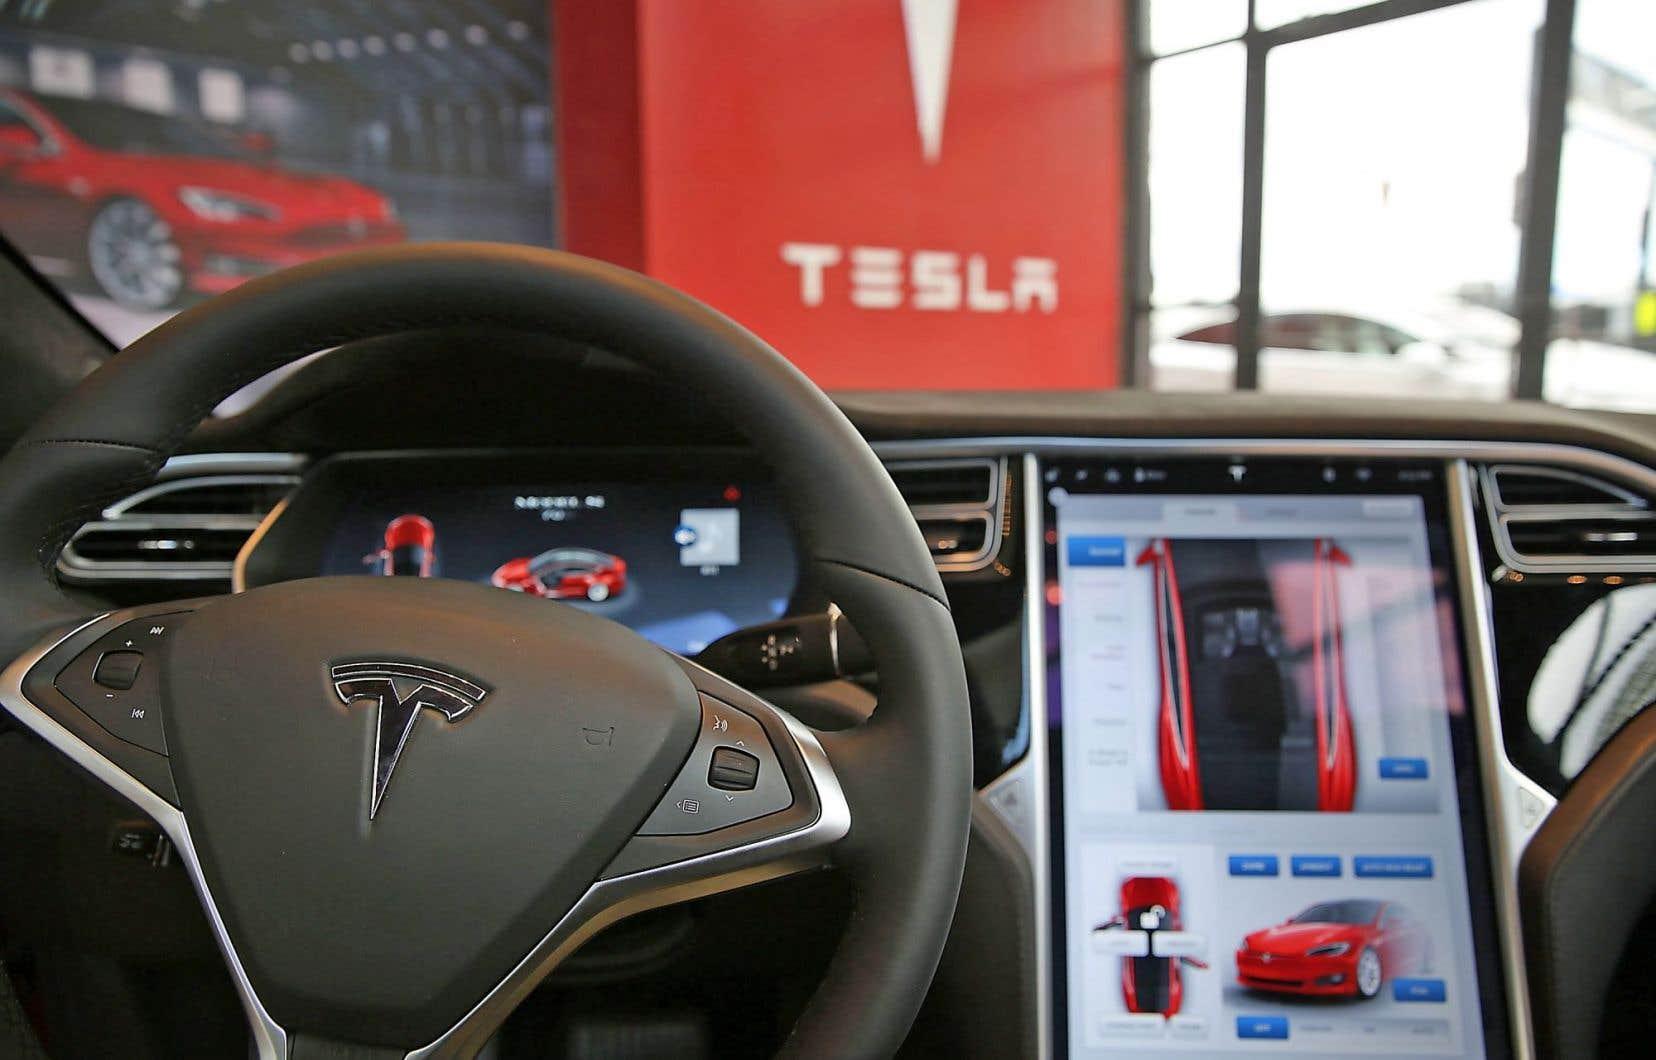 Tesla a commercialisé au Canada des modèles de voiture dotés de programmes pouvant permettre une conduite quasi autonome.